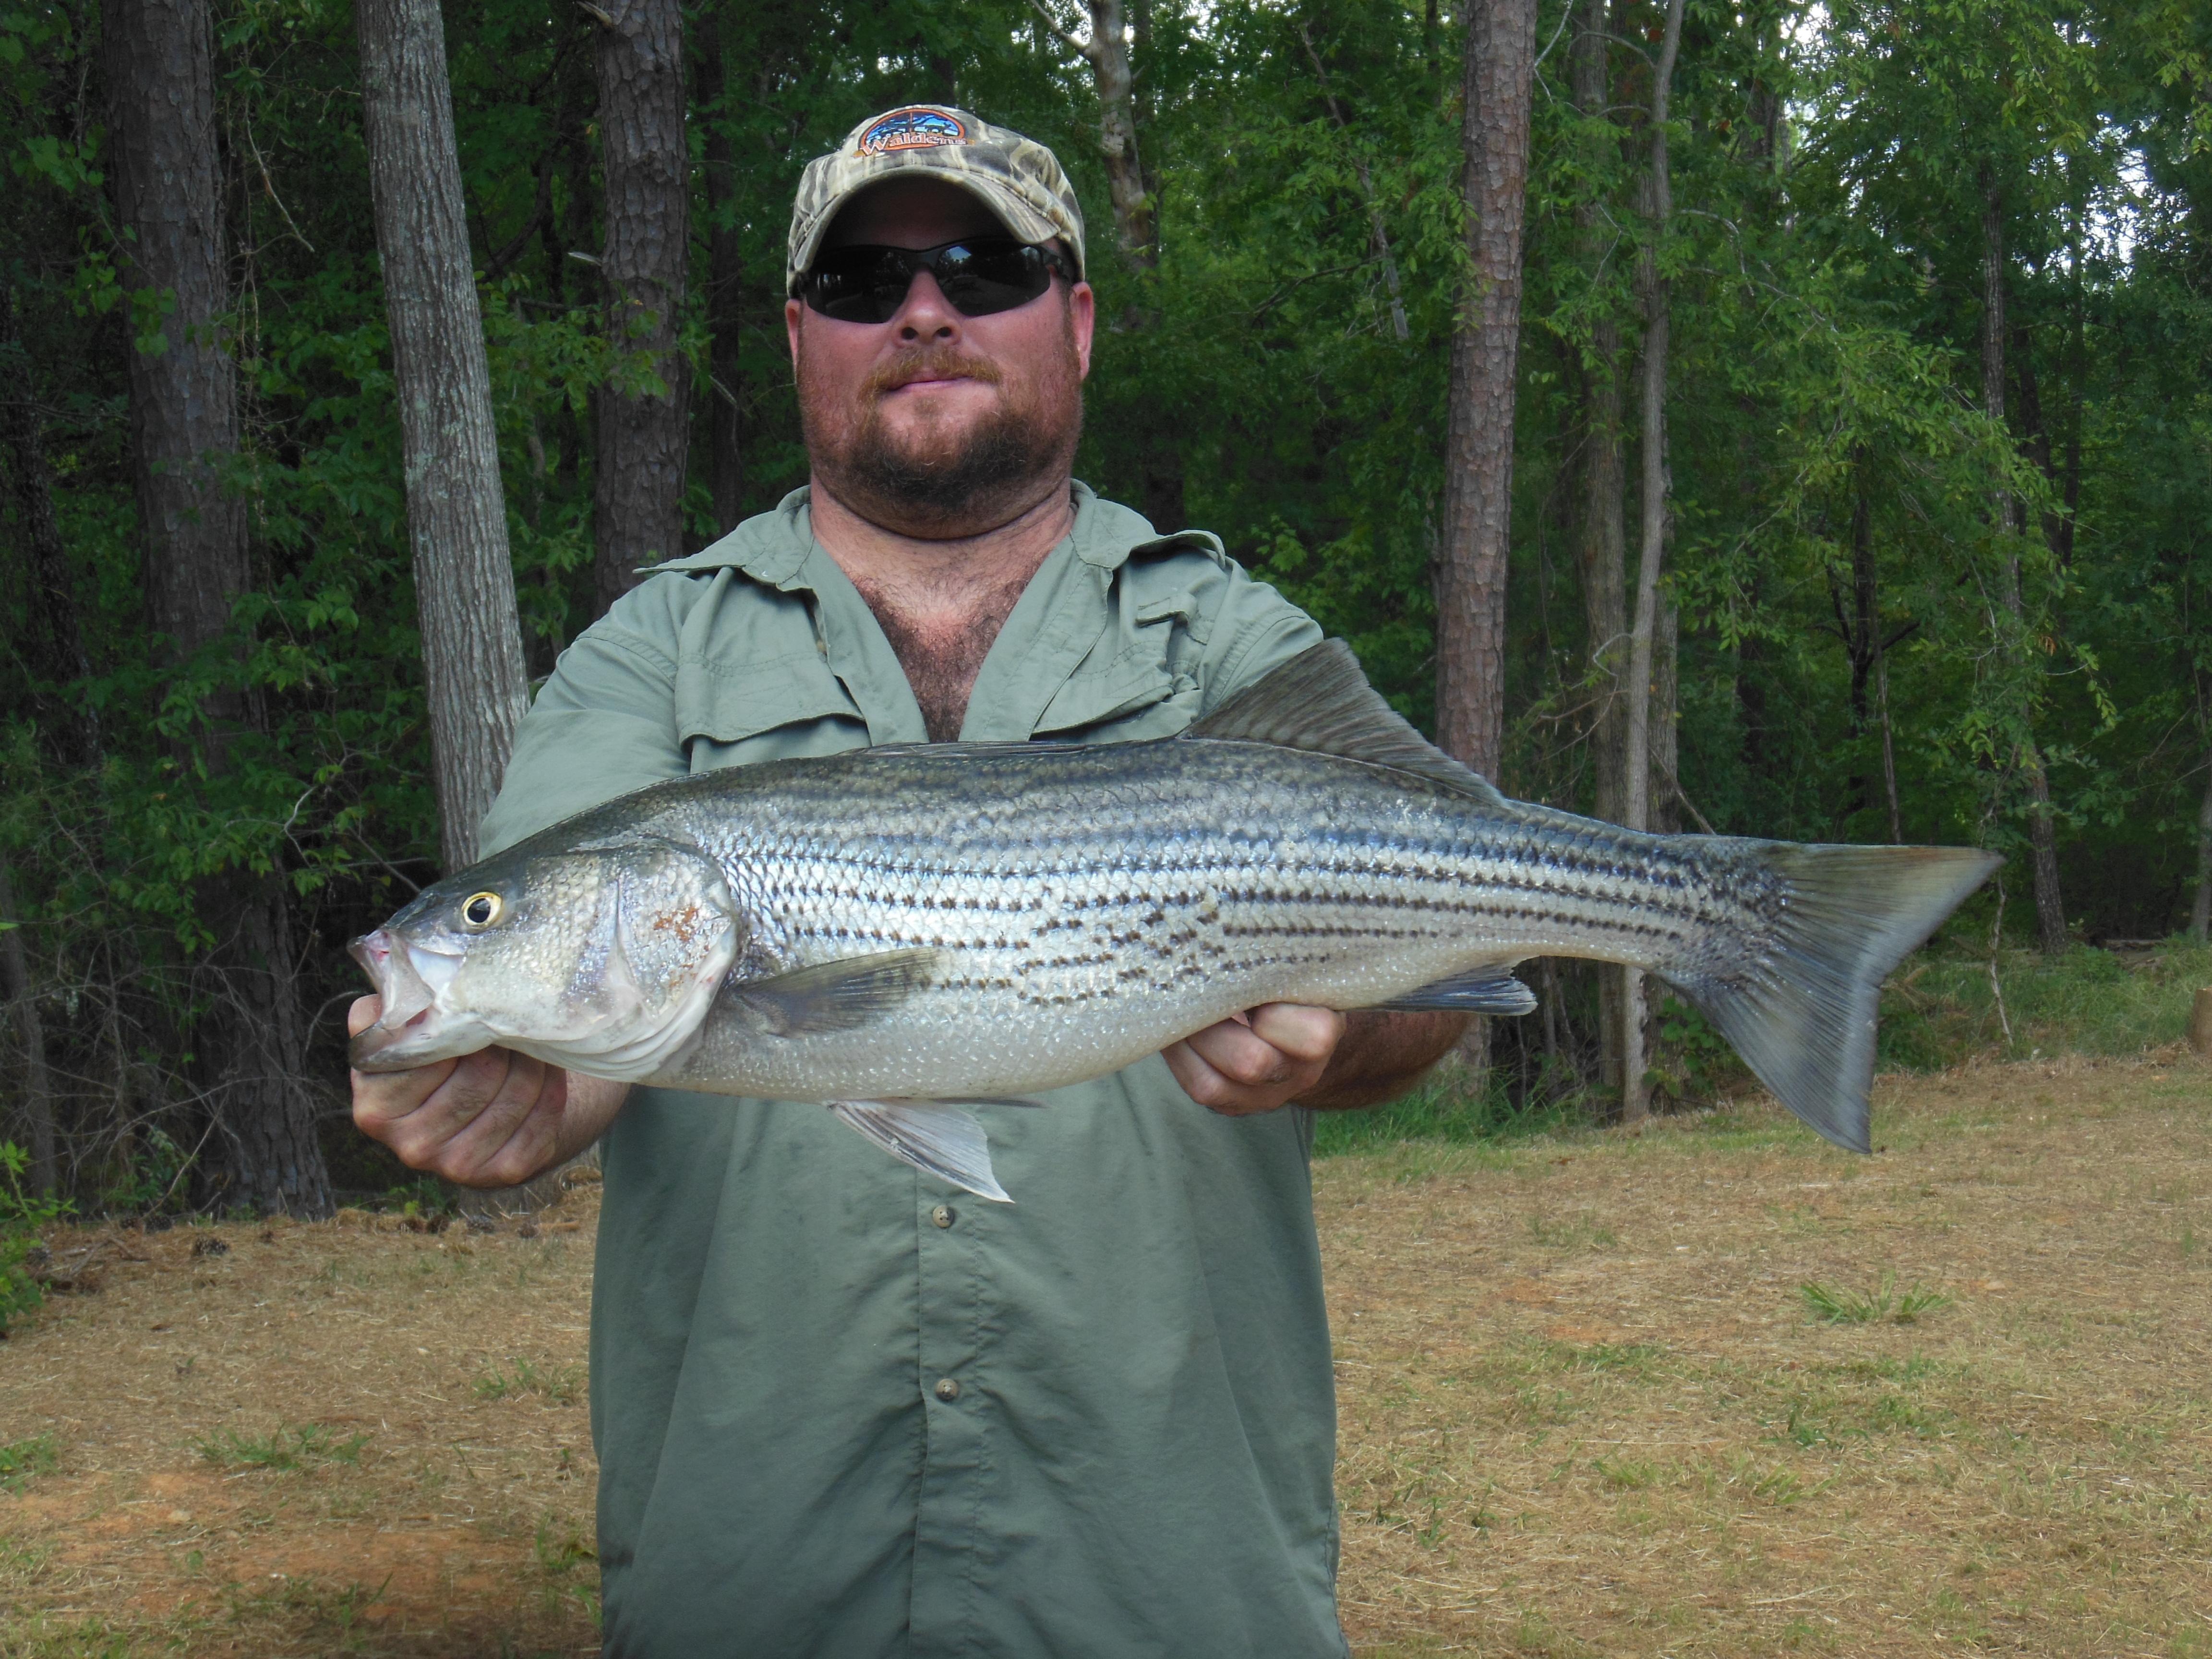 Brad's 12 lb striper